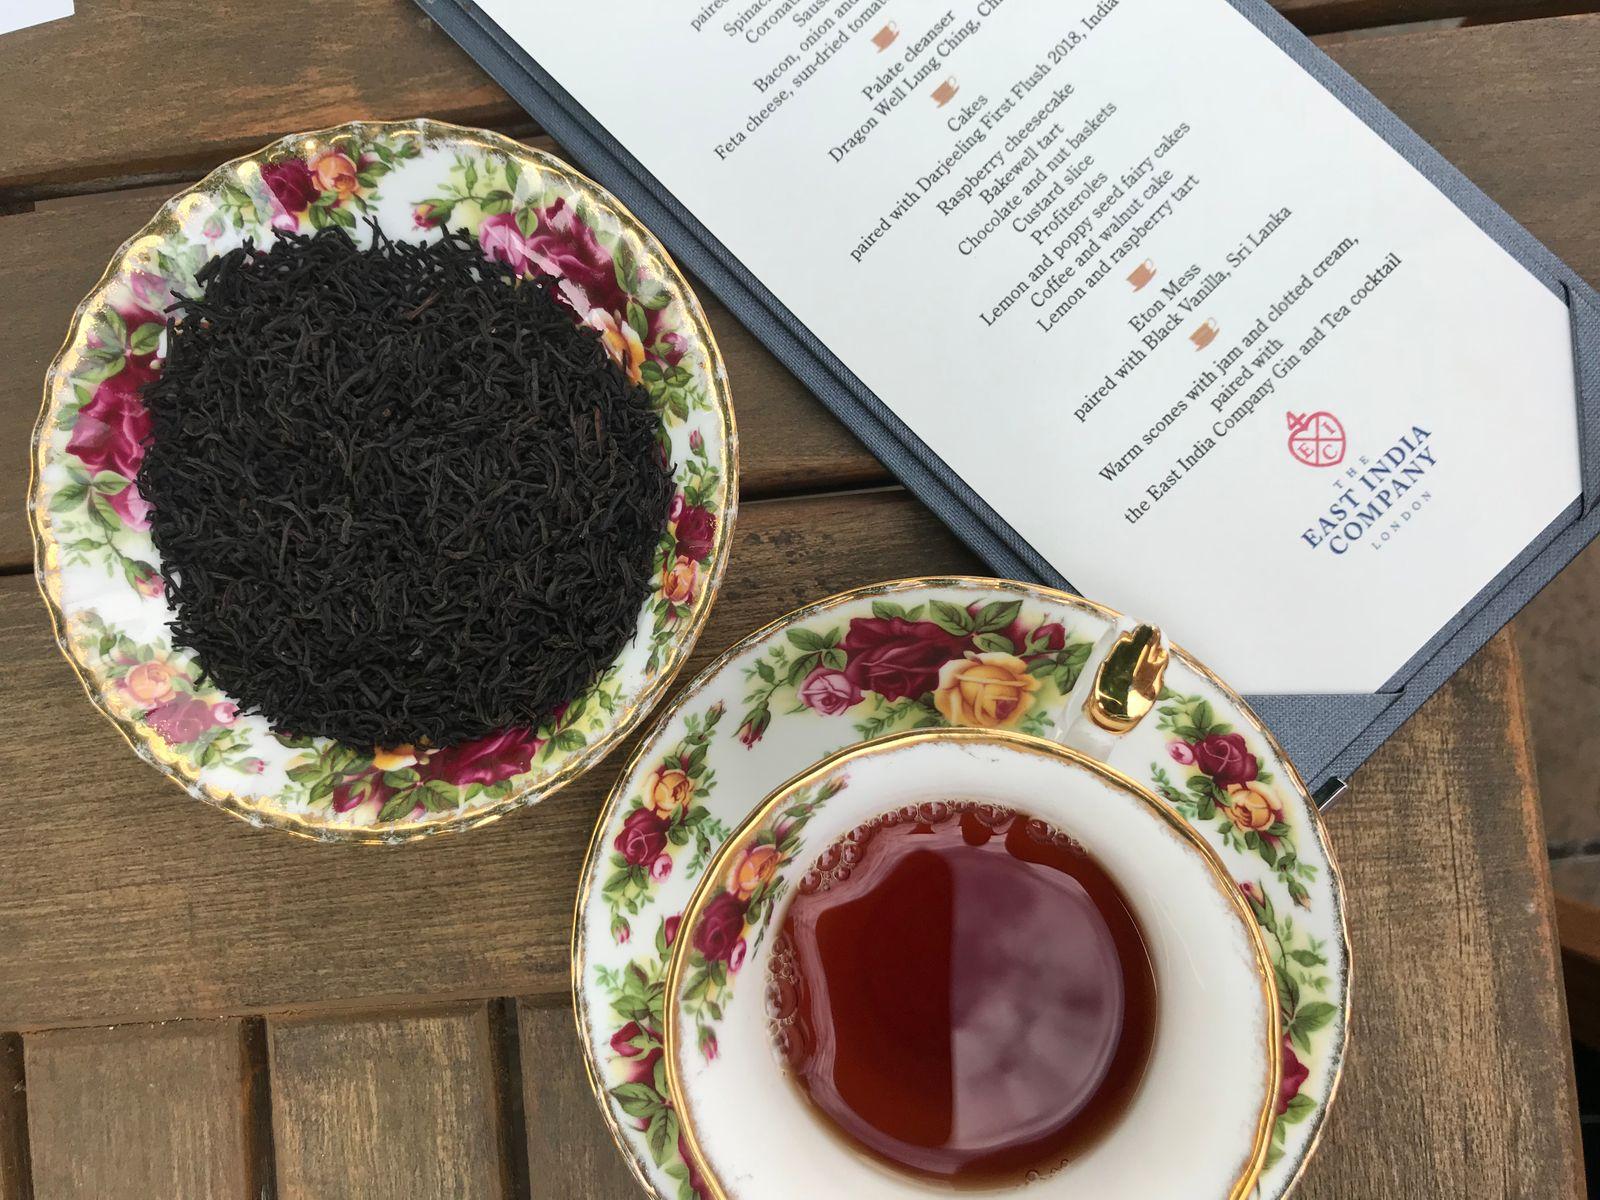 The East India Company loose leaf tea at The Angel Hotel Abergavenny